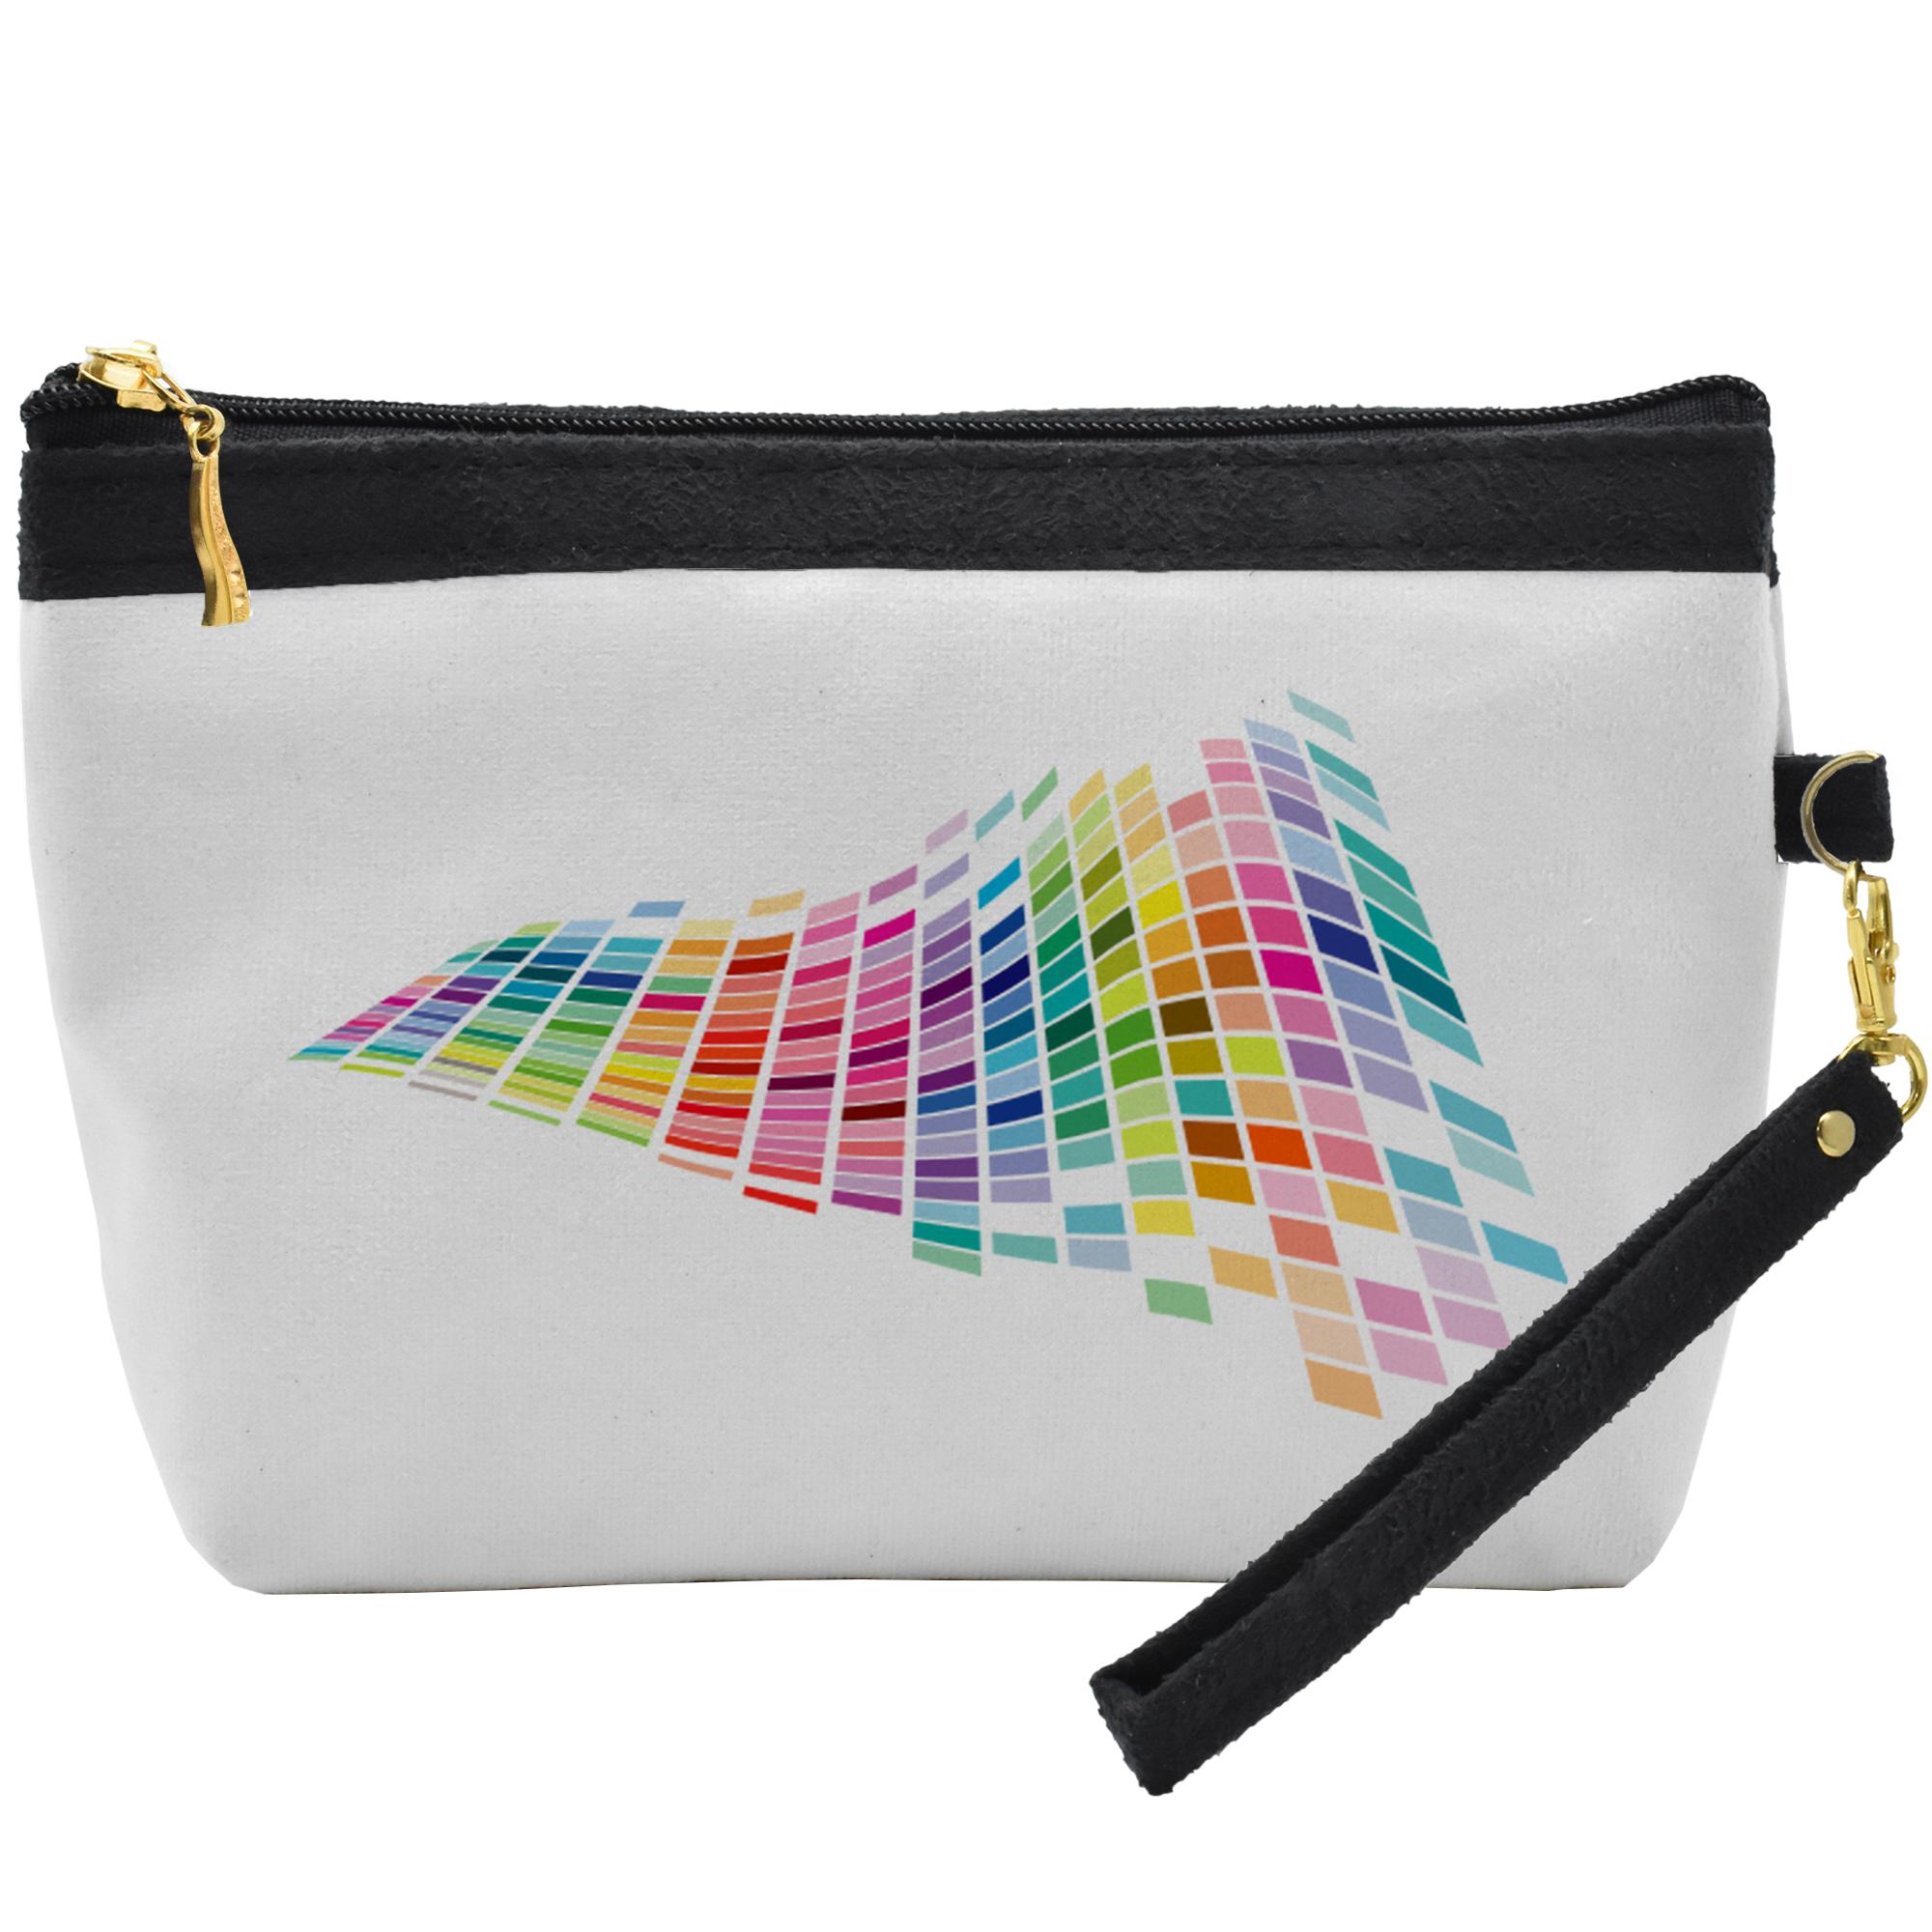 قیمت کیف لوازم آرایشی طرح  رنگارنک کد C30